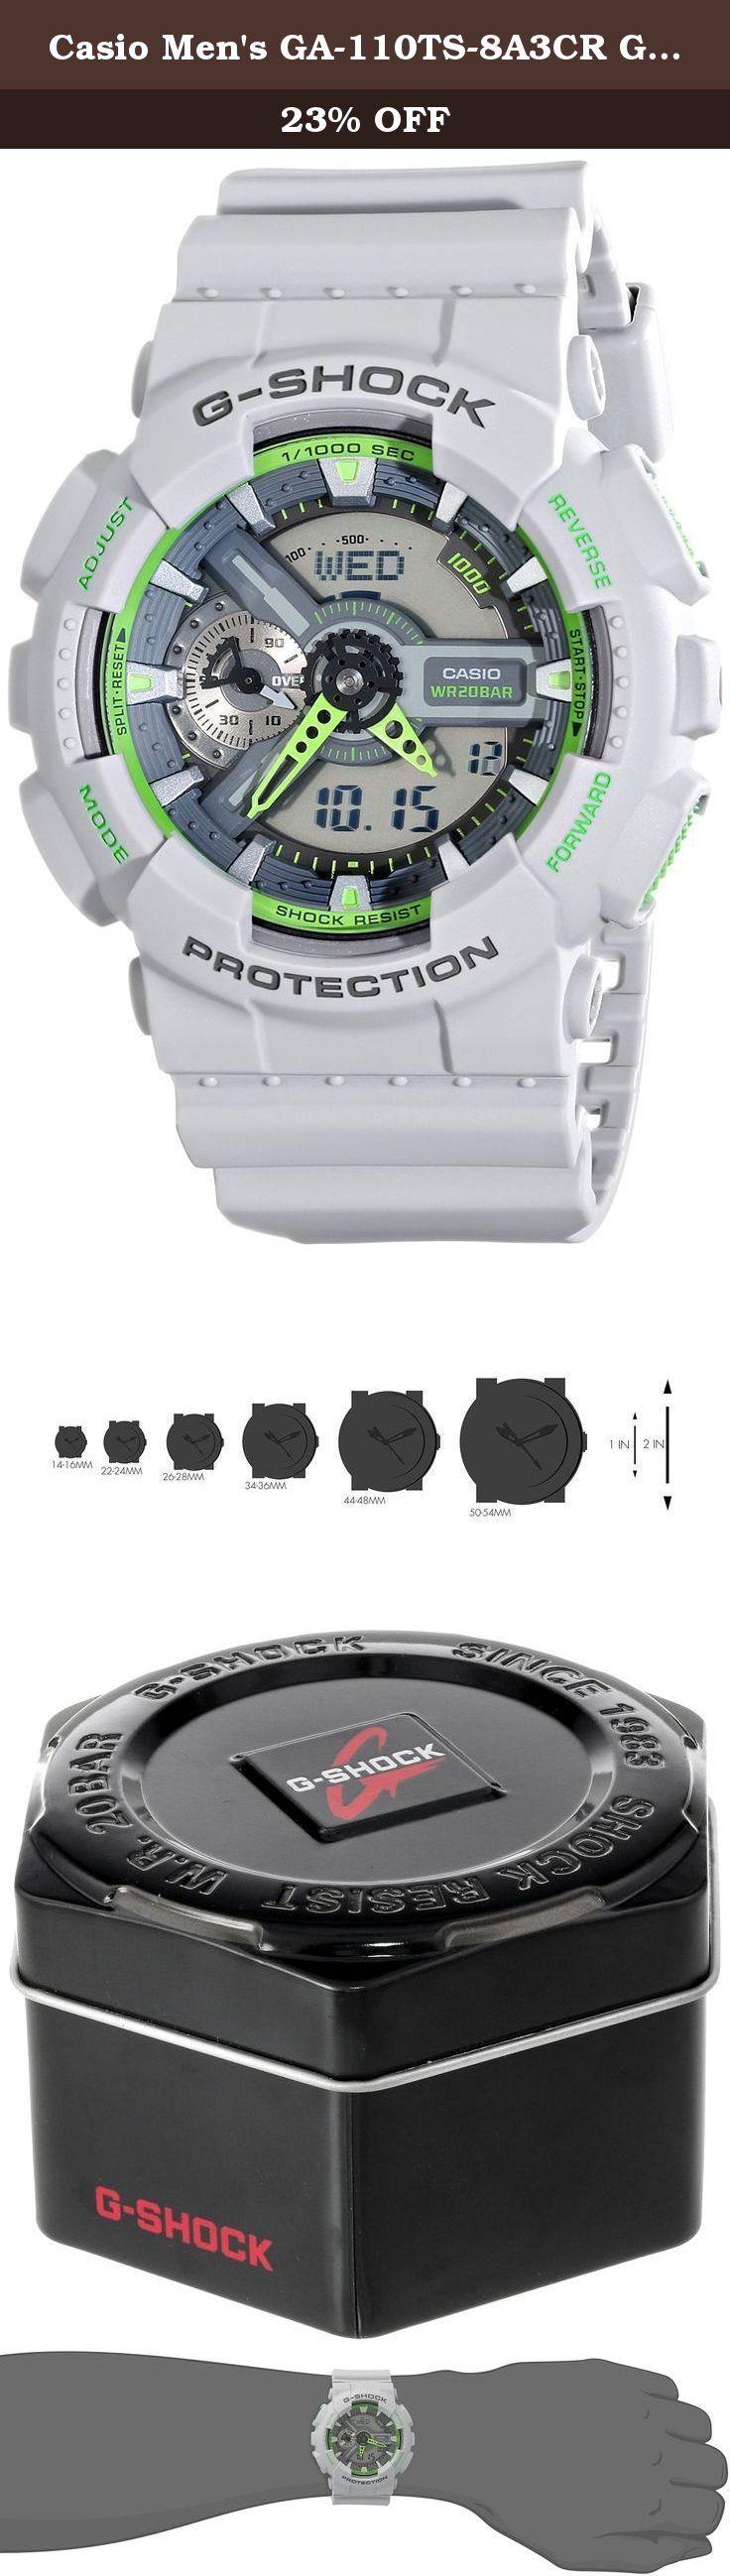 casio mens ga 110ts 8a3cr g shock grey watch shock resistant